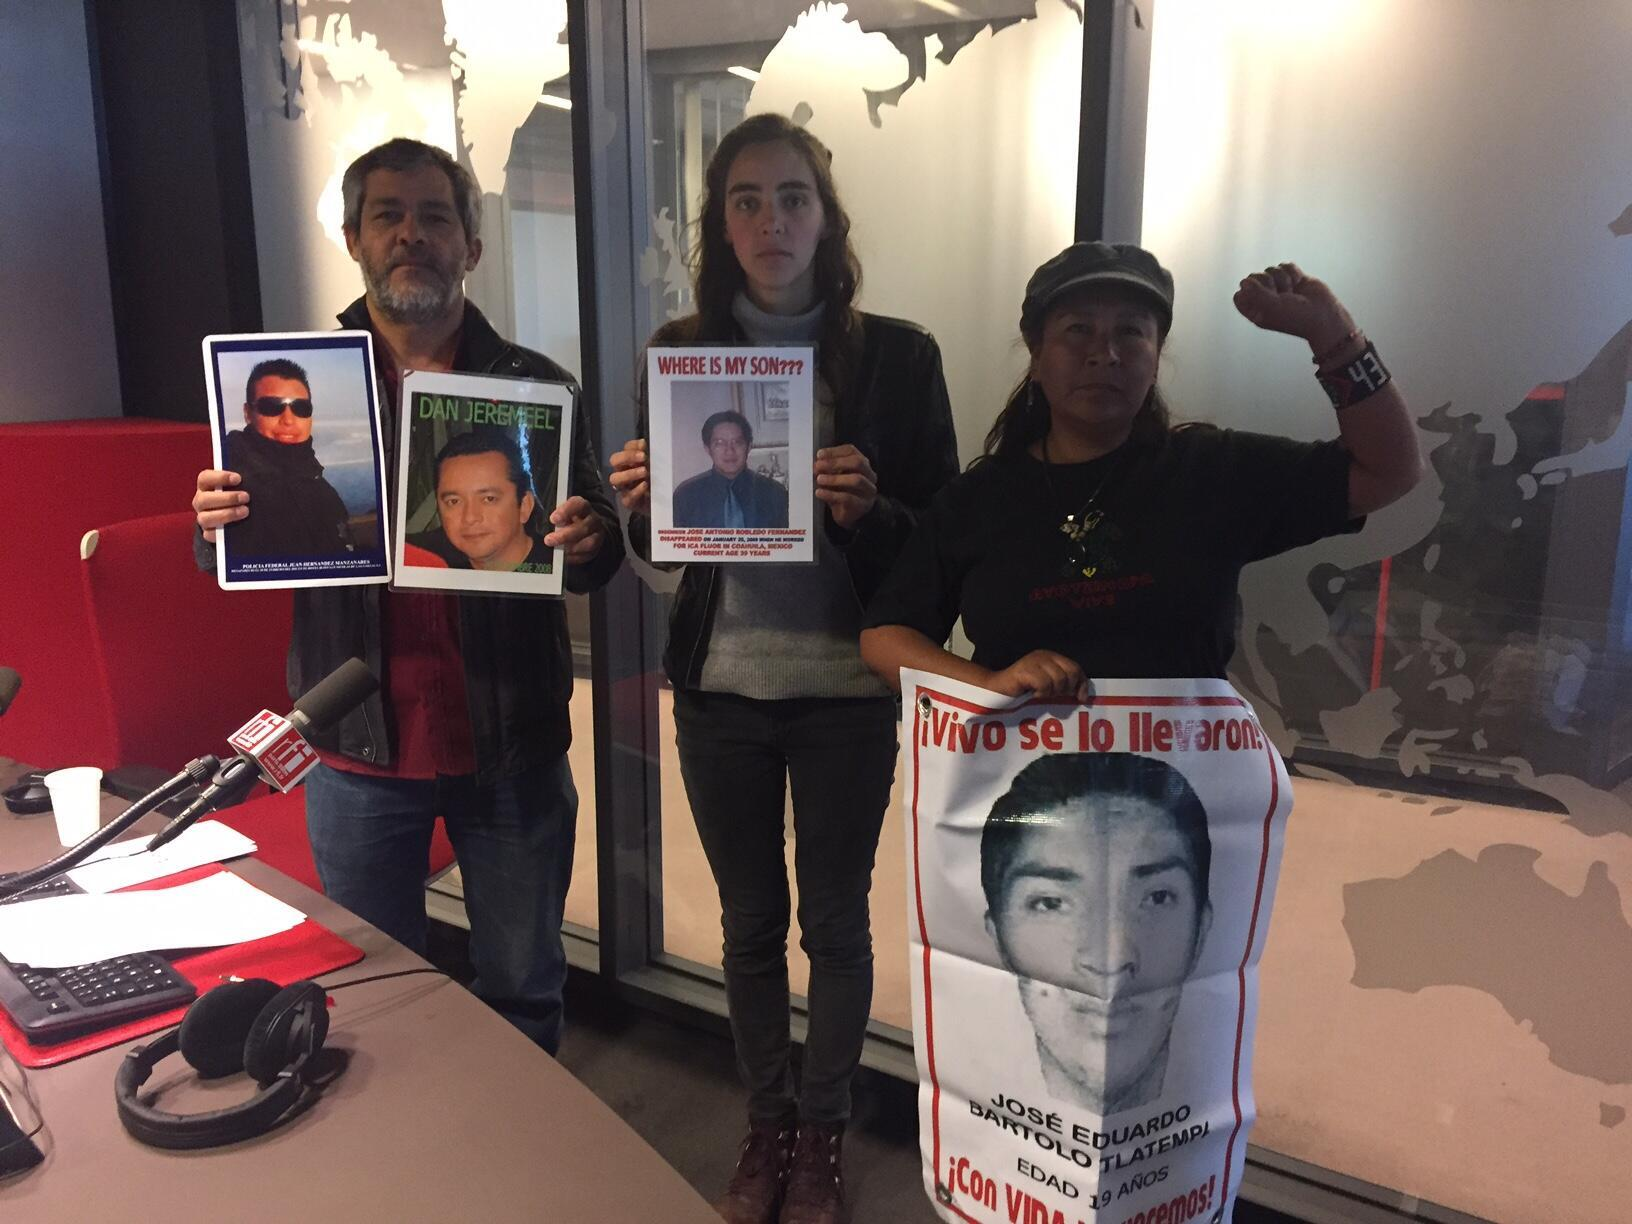 El artista Alfredo López Csanova, una integrante del colectivo París Ayotzinapa y María de Jesús Tlatempa madre de uno de los 43 desaparecidos